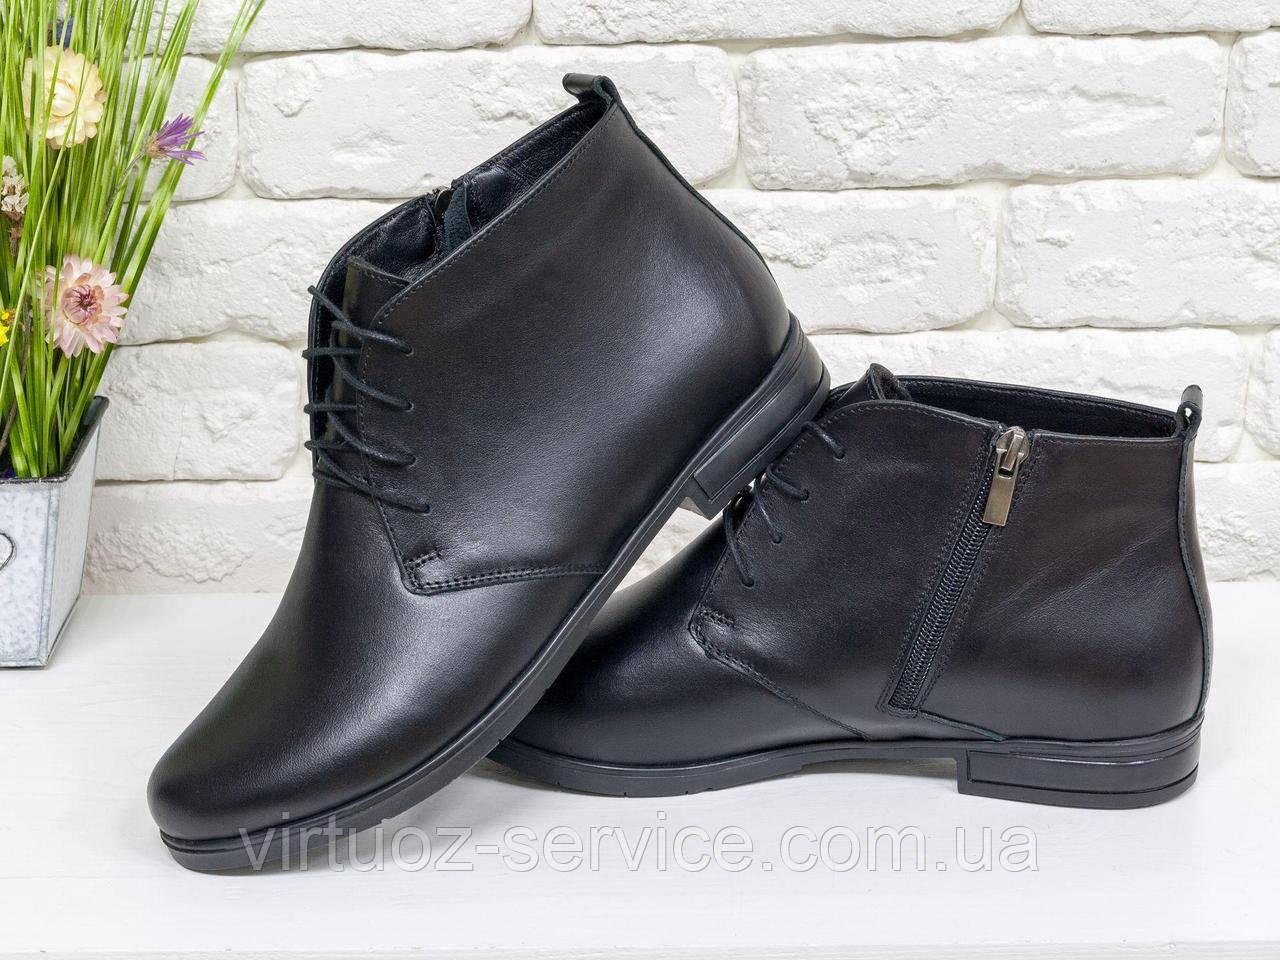 Ботинки женские Gino Figini Б-152-05 из натуральной кожи 37 Черный